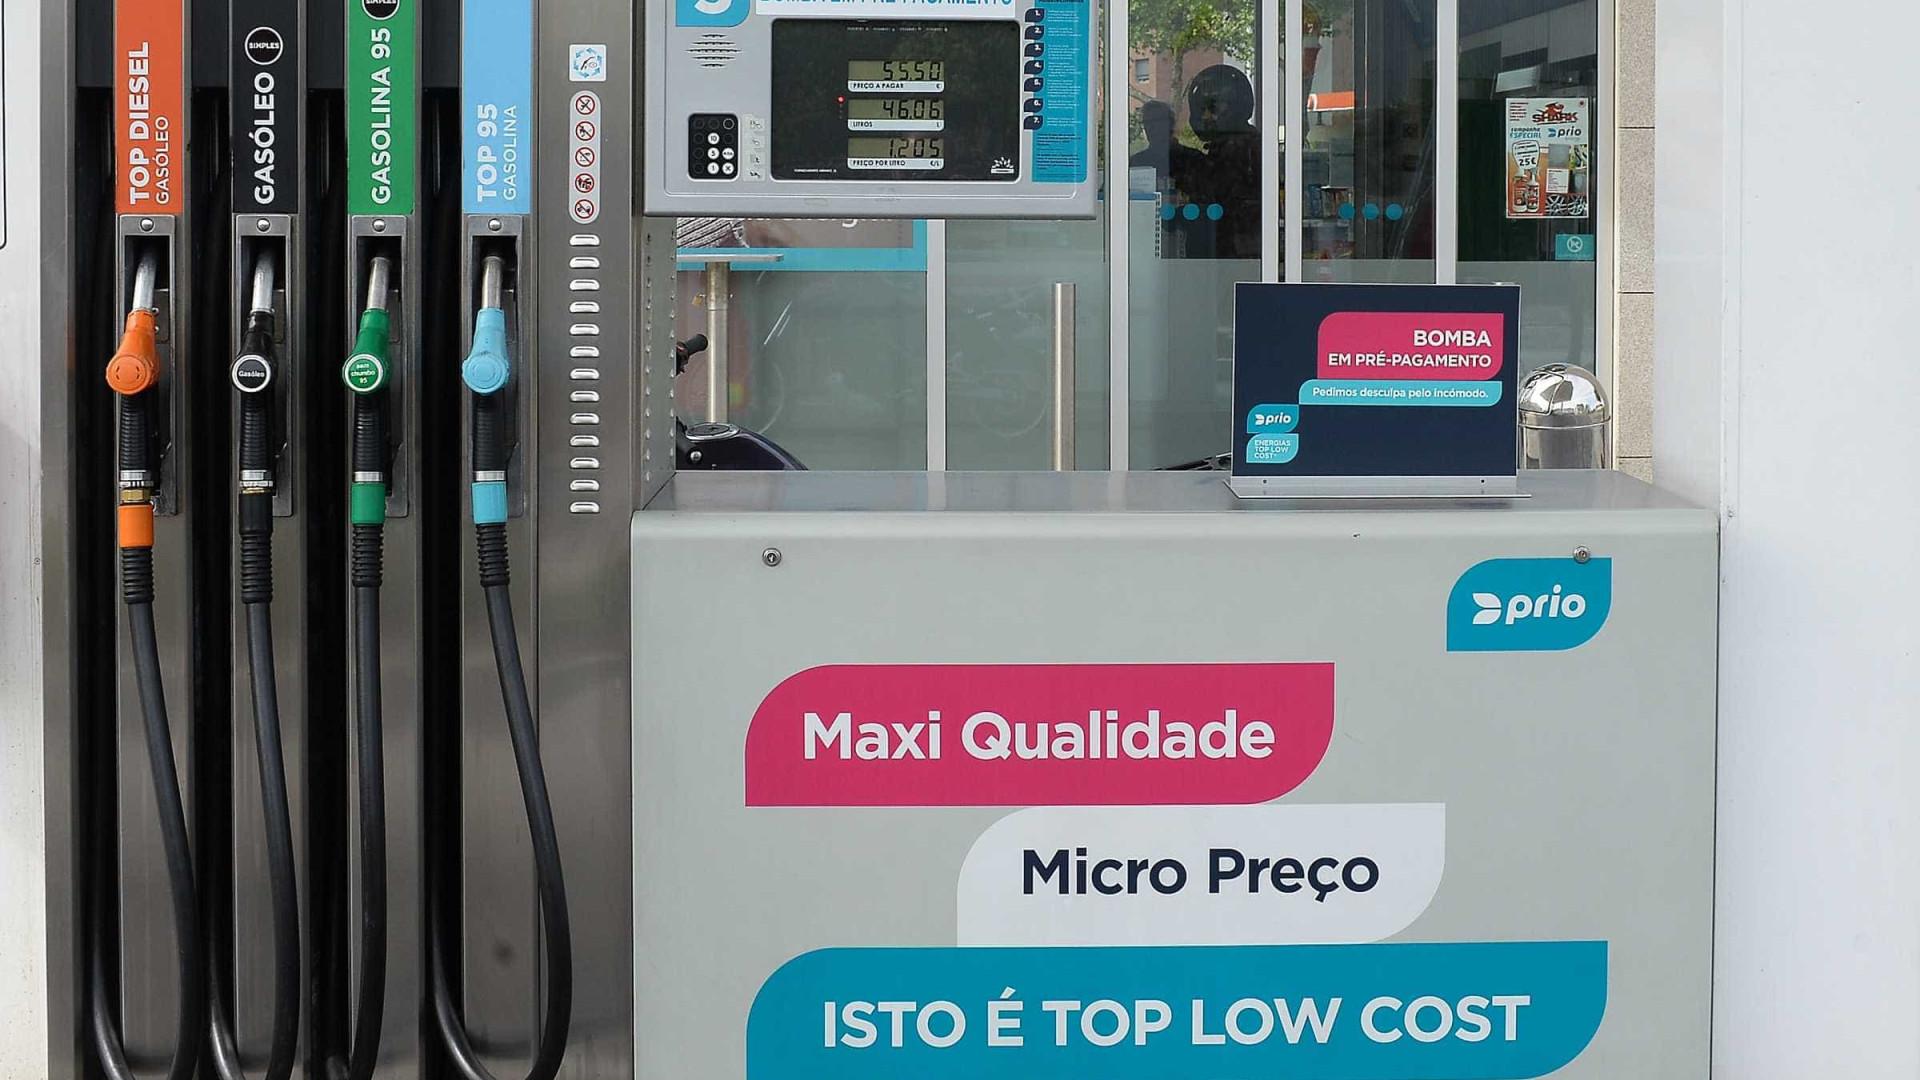 Quer encontrar os combustíveis mais baratos? A ENMC ajuda